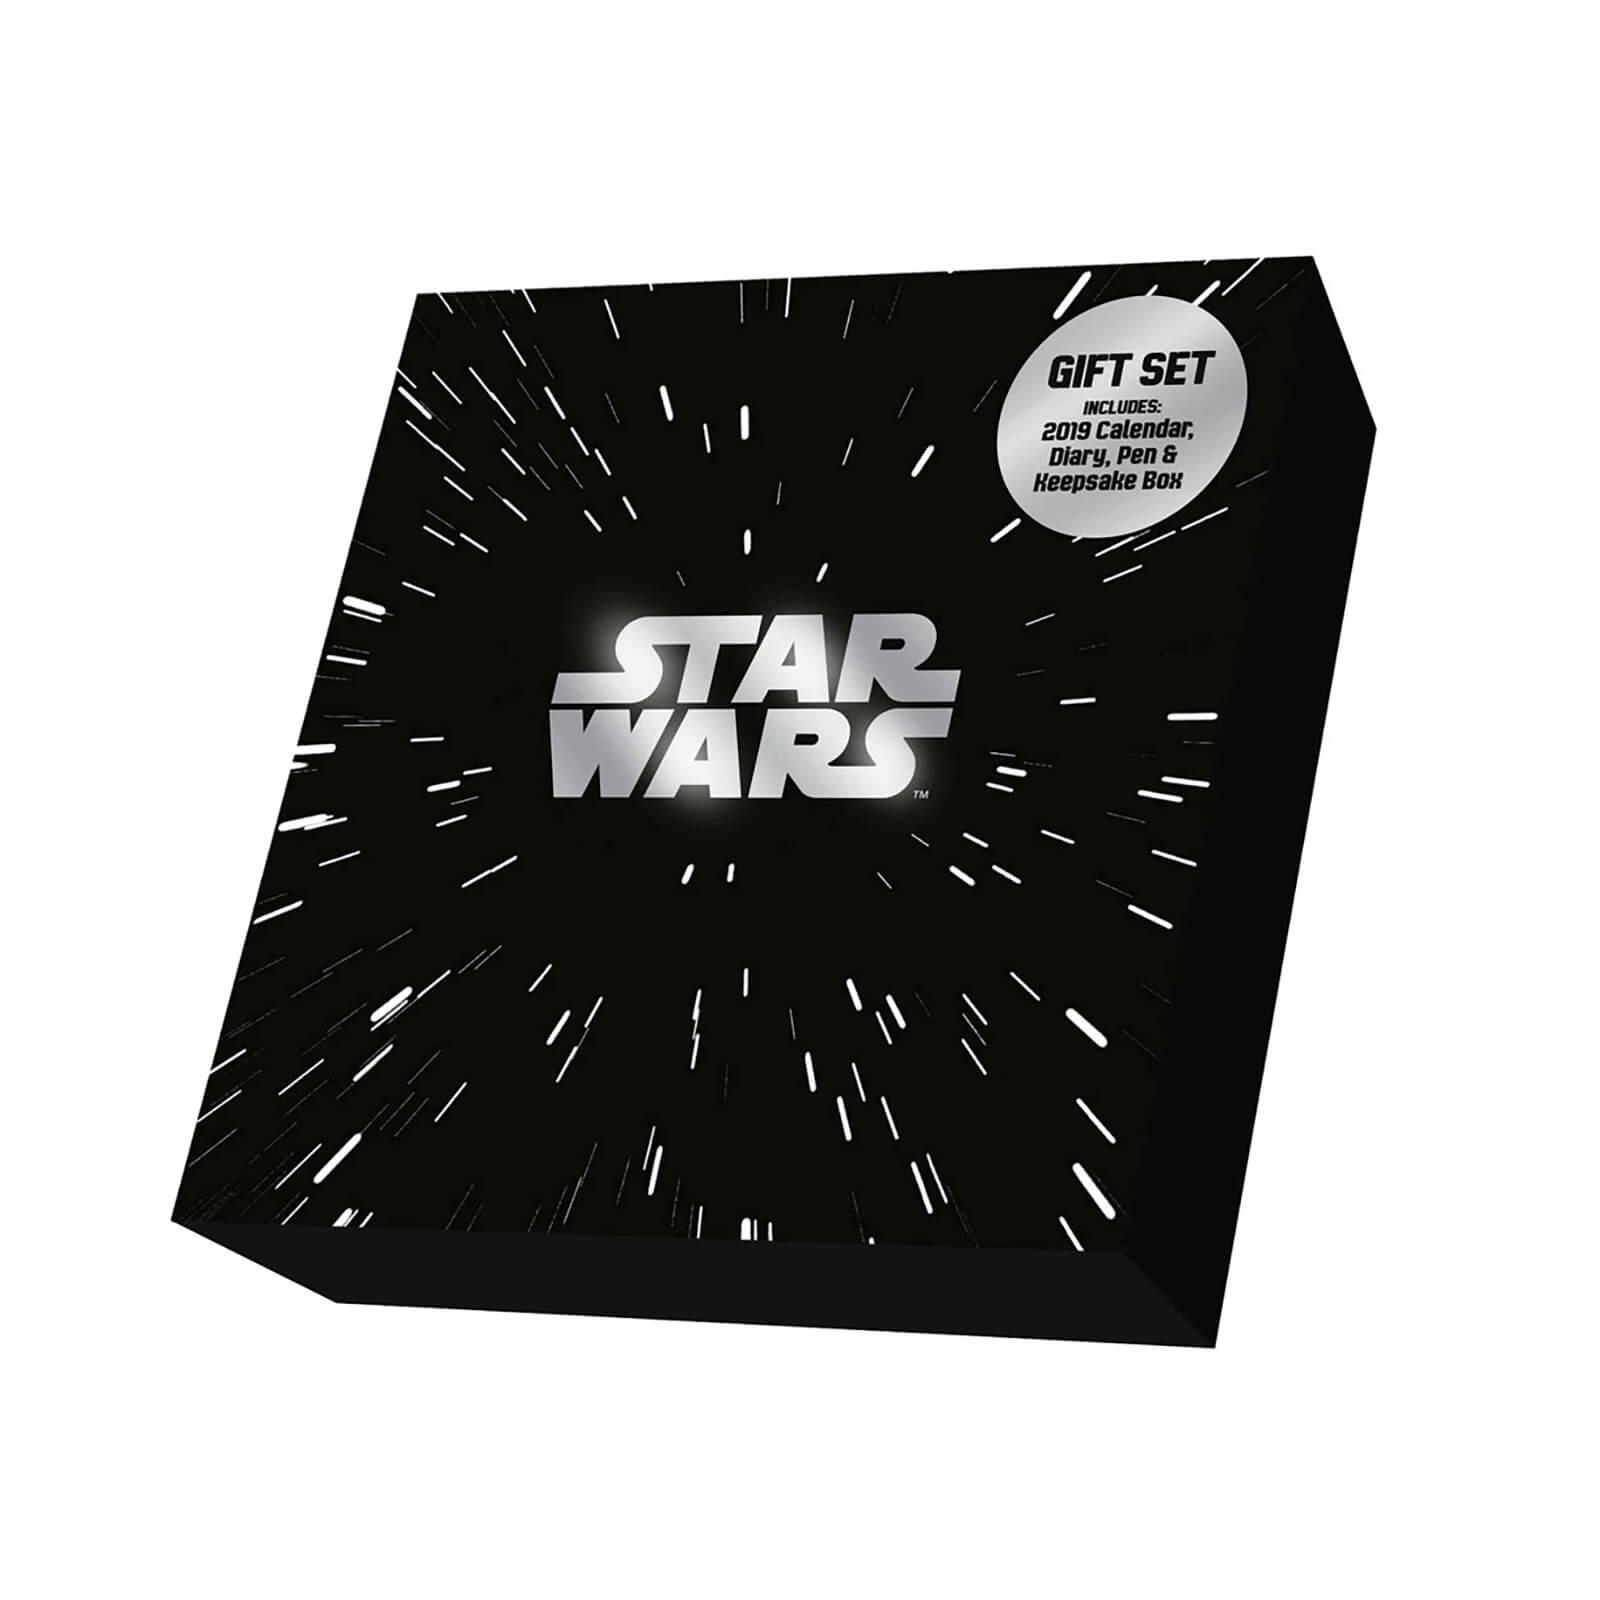 Star Wars Gift Set 2019 (Engelse versie) @ Zavvi